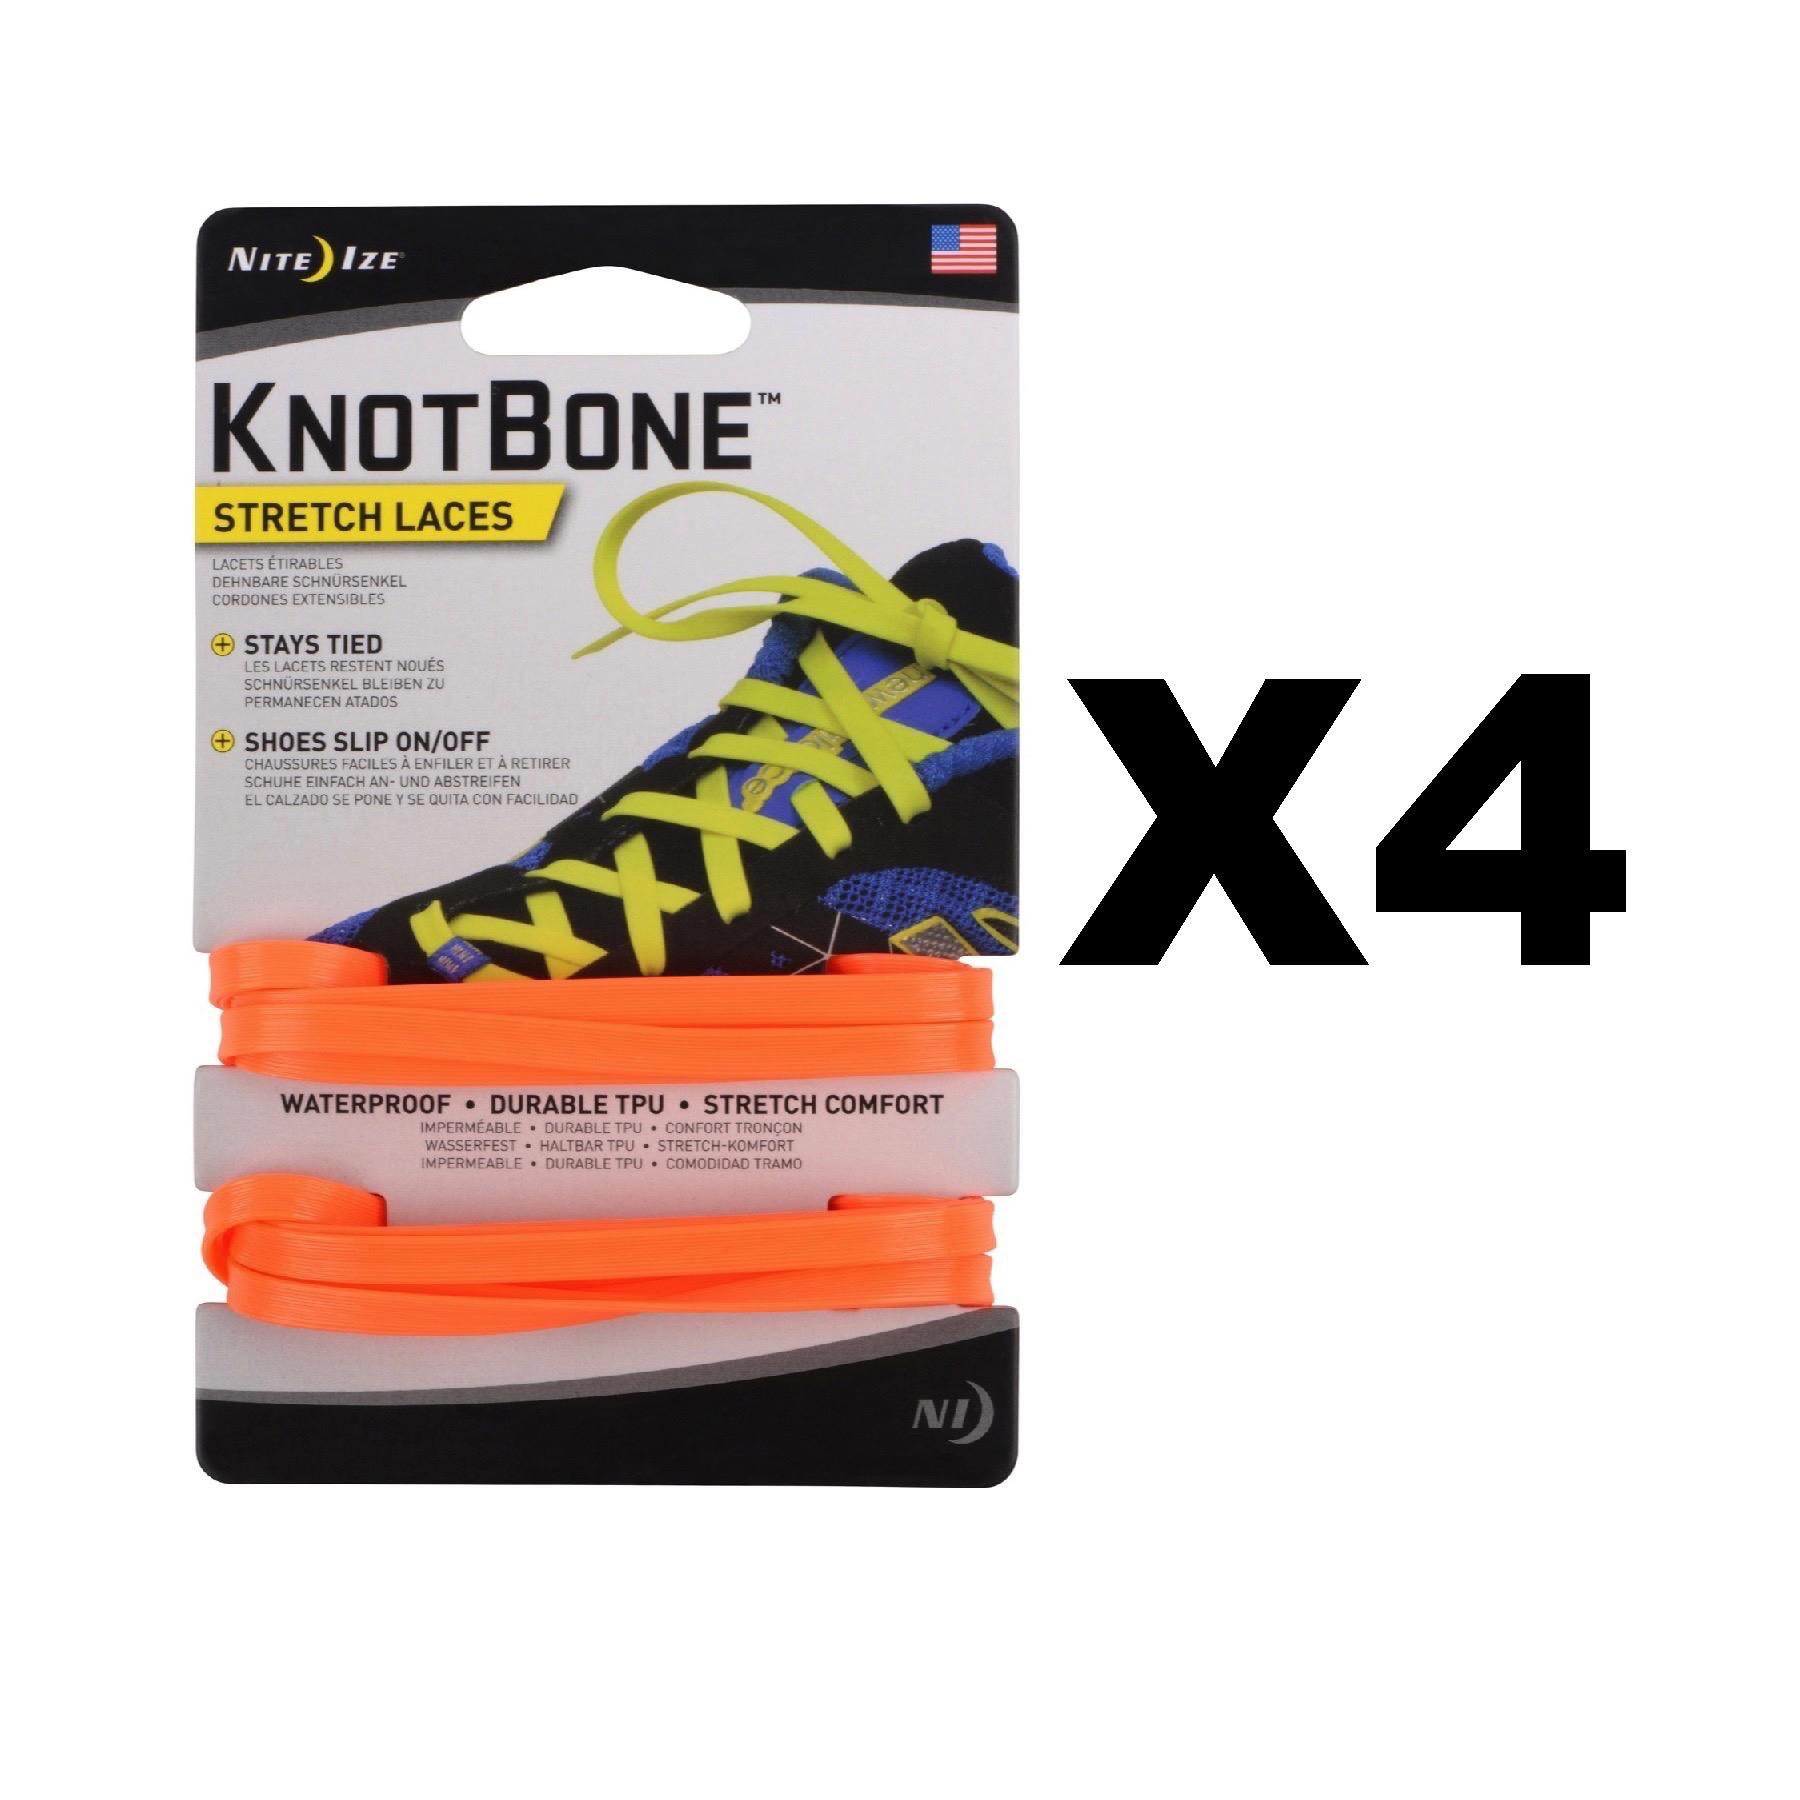 Nite-Ize-KnotBone-Stretch-Laces-Bright-Orange-Flat-Shoe-Laces-54-034-4-Pack